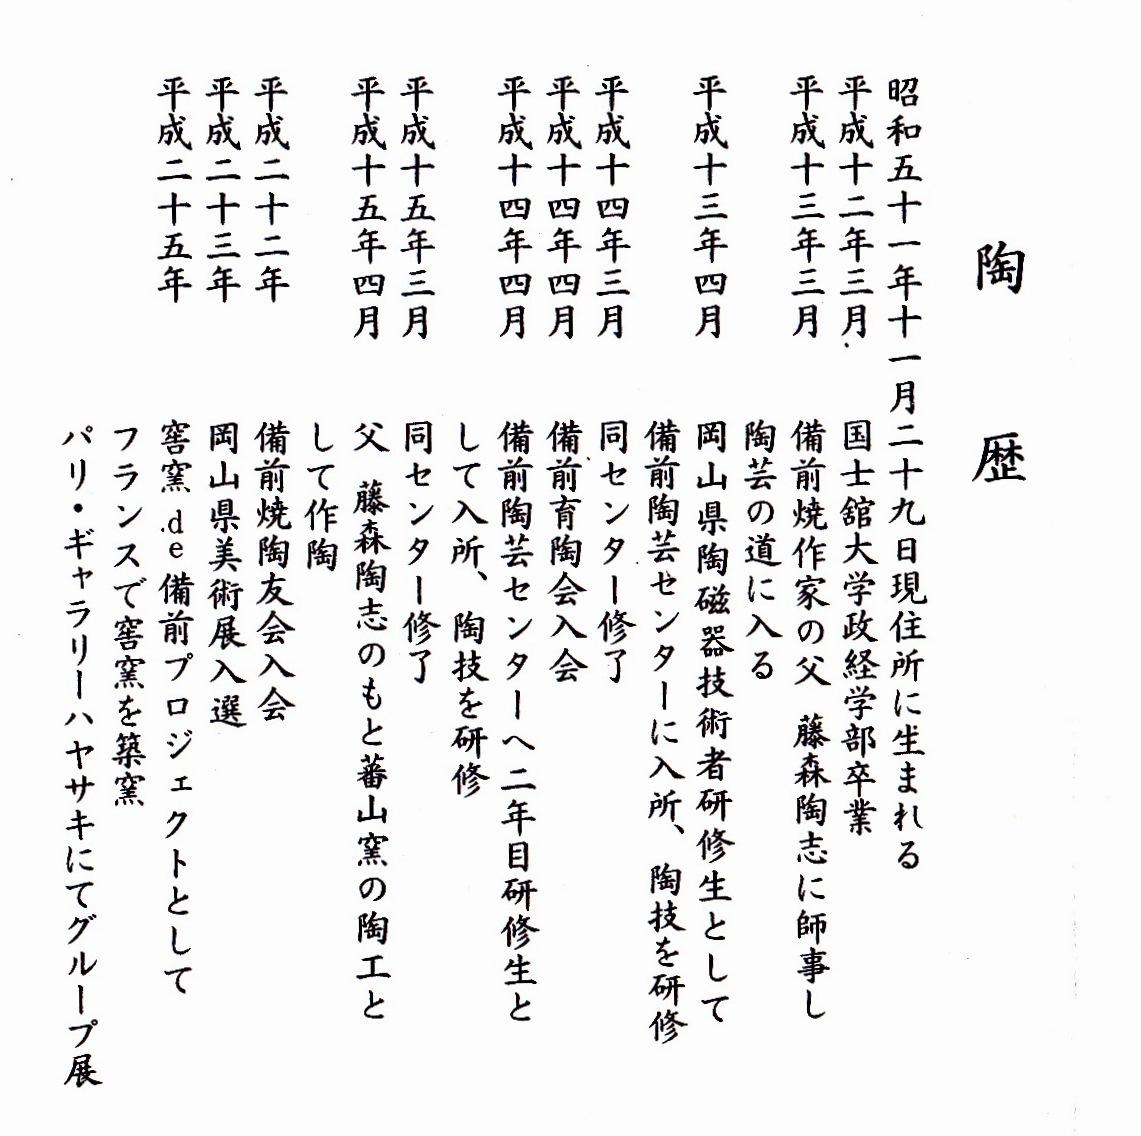 藤森信太郎先生 陶歴